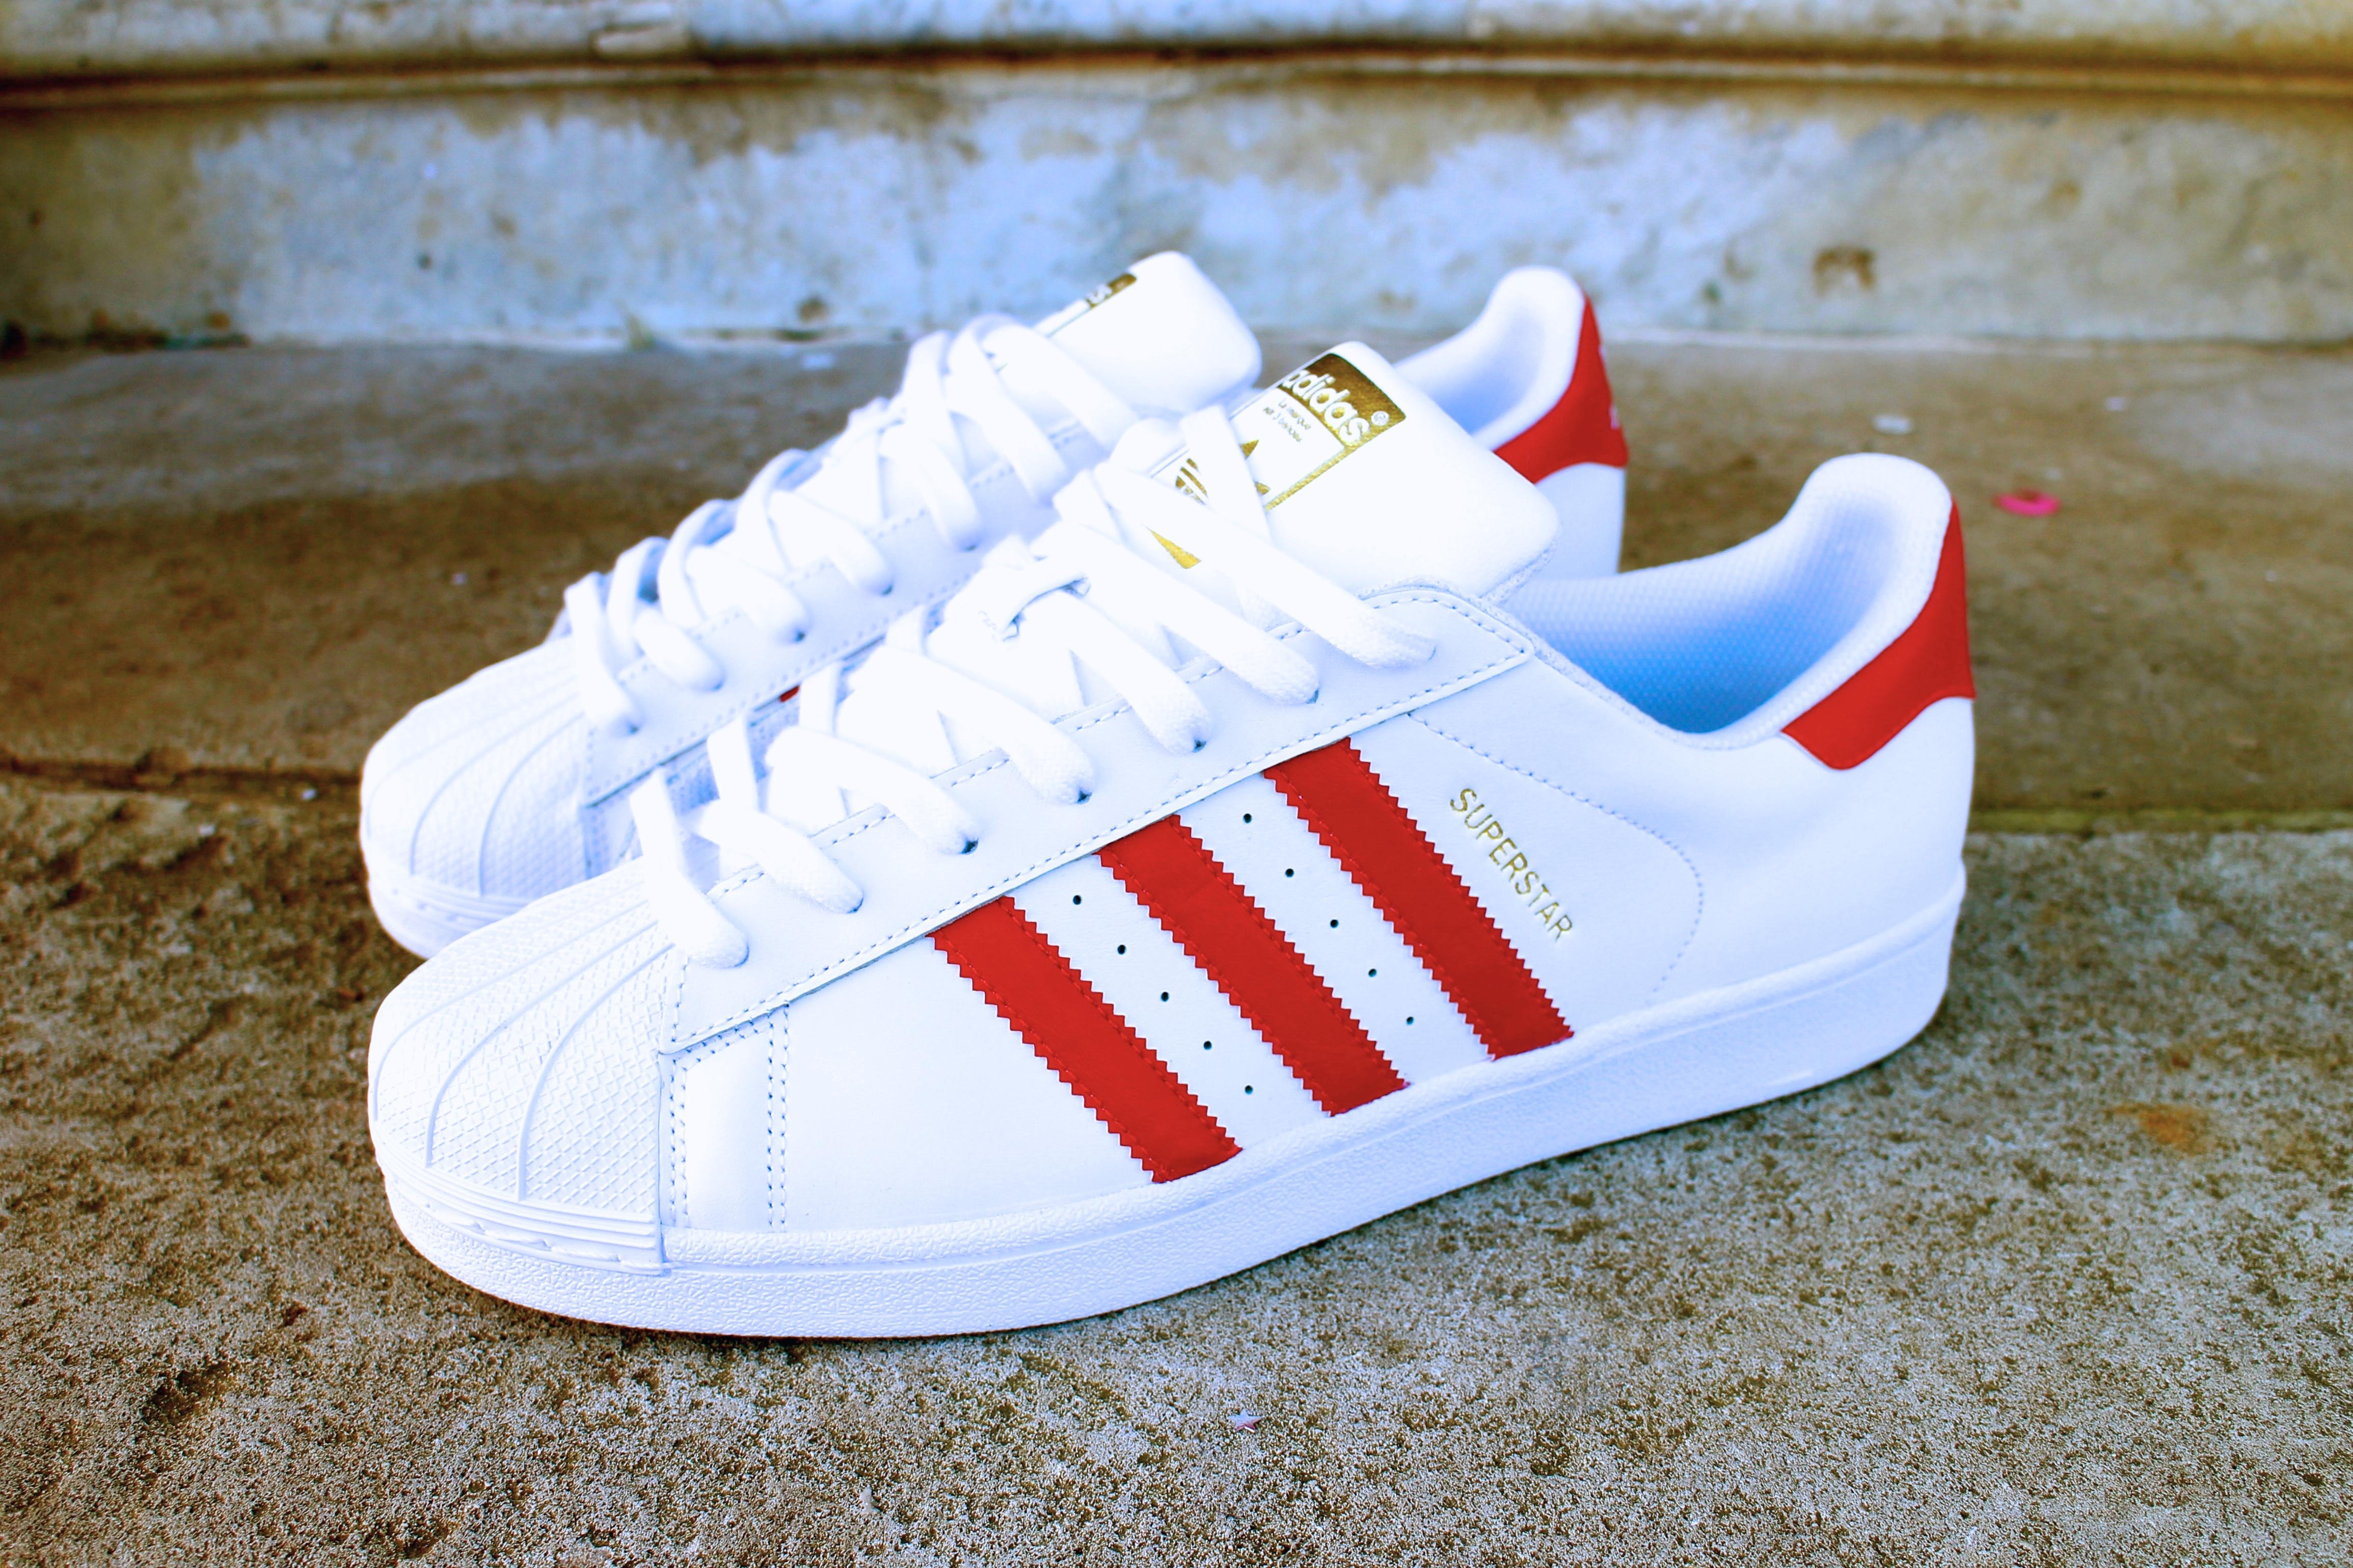 Adidas Originals Superstar - Sneaker Spotlight for JD Sports ...